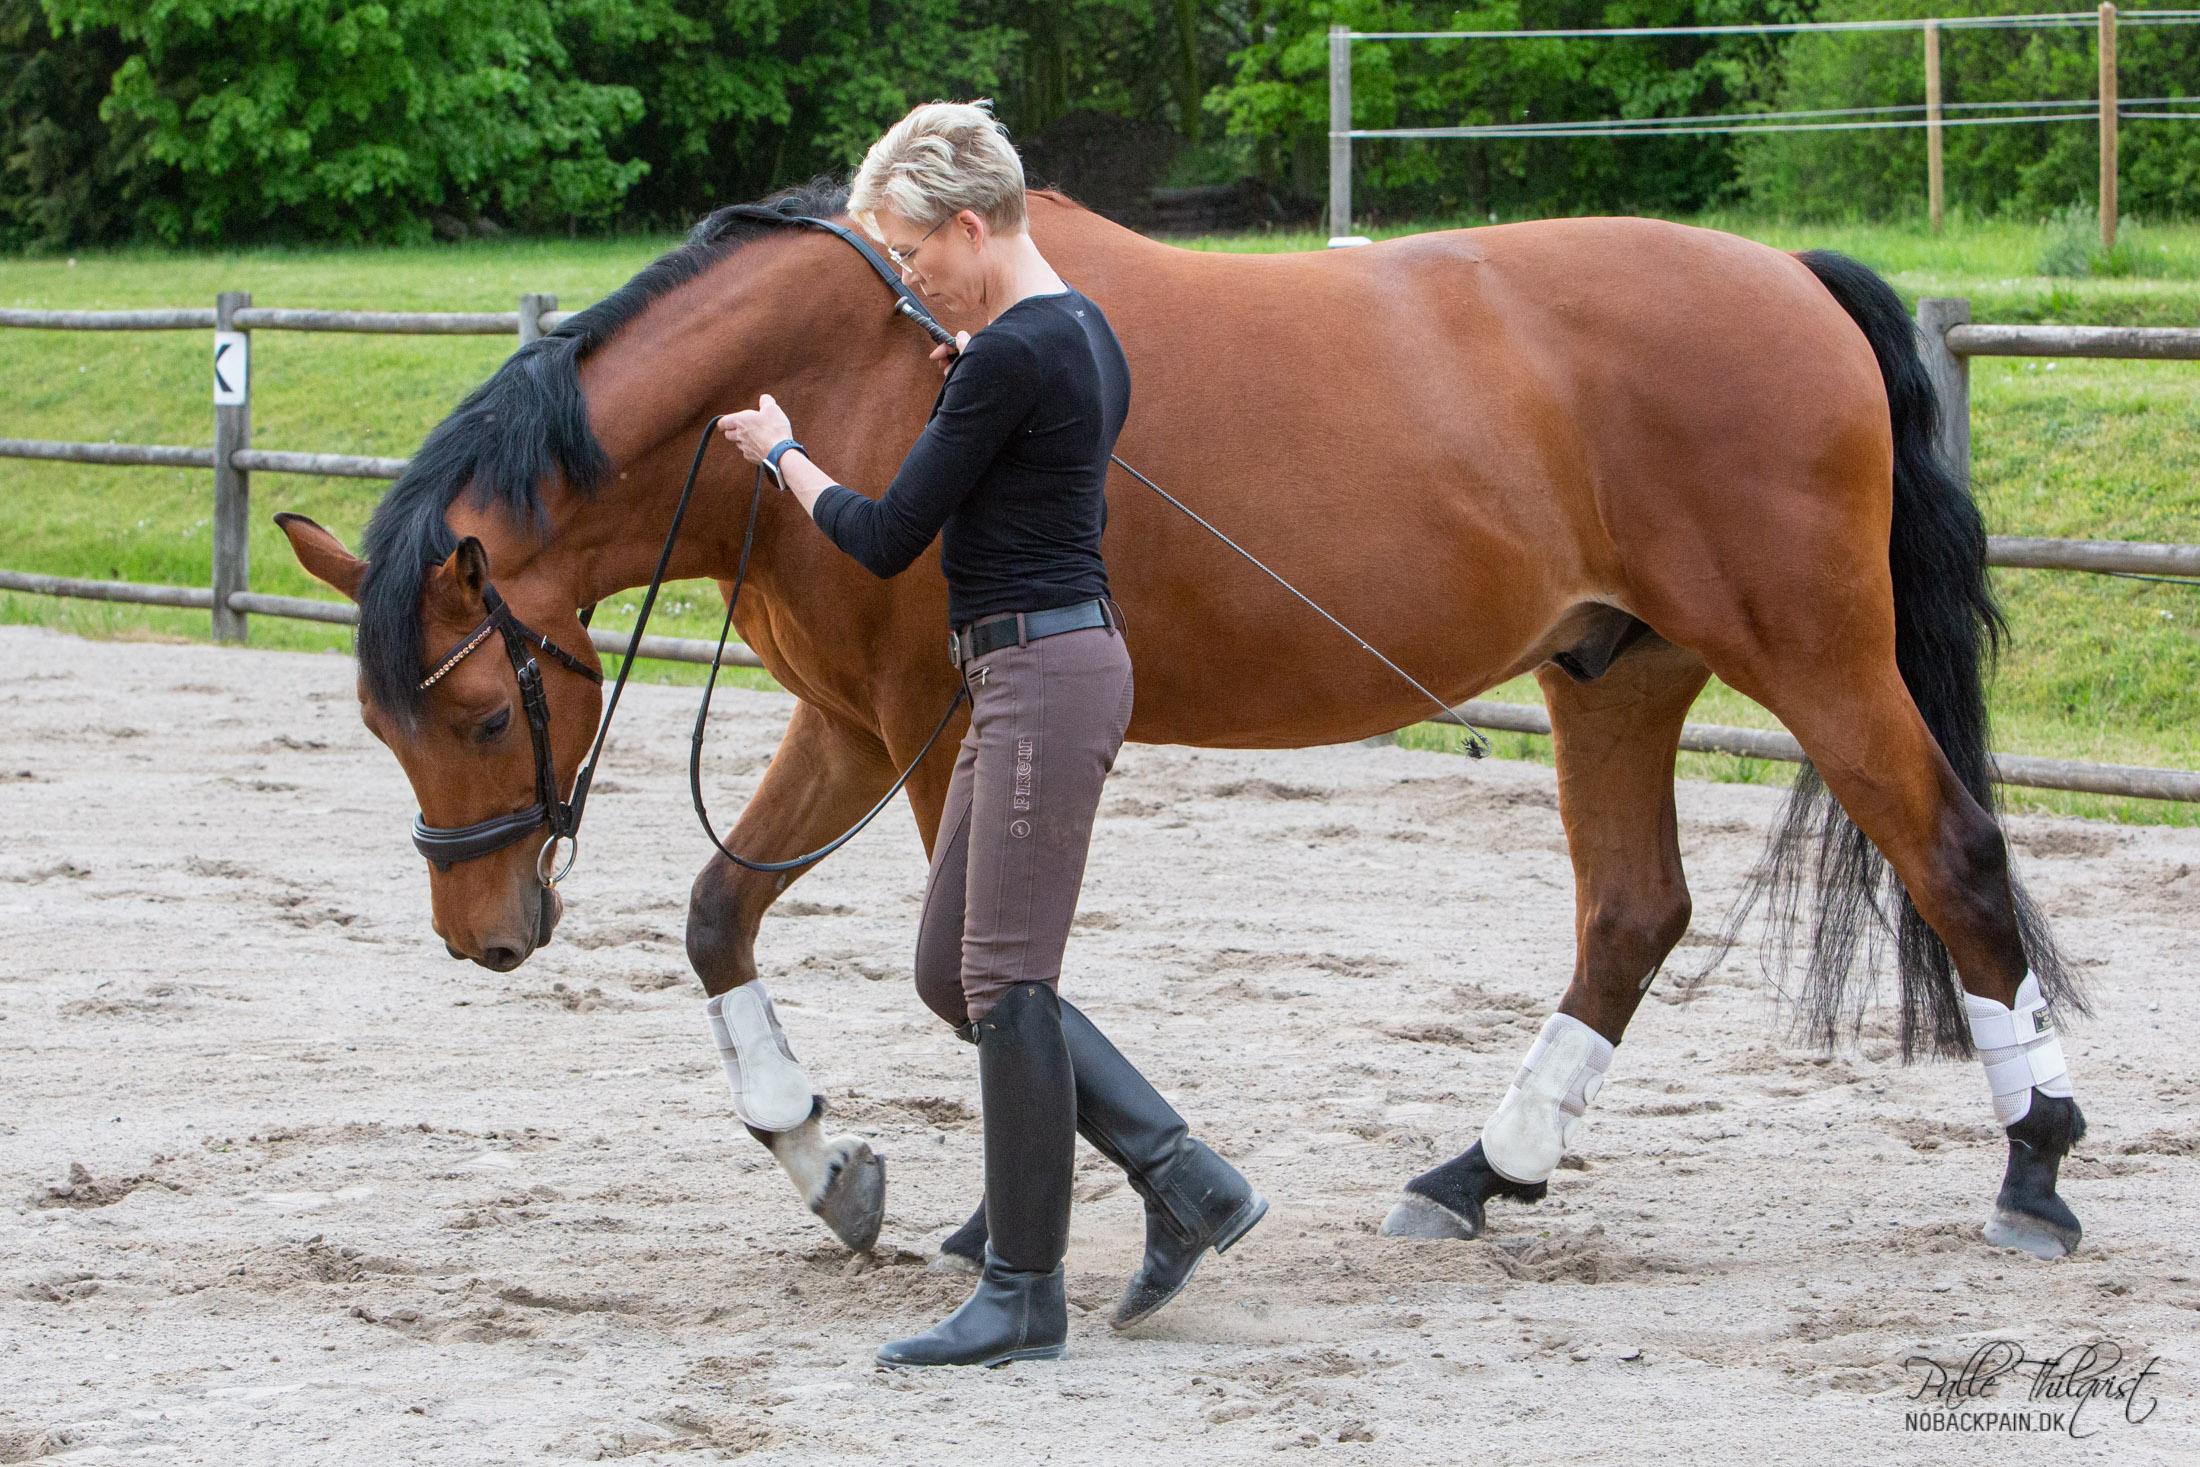 Jeg bruger oftest en lidt anden fremgangsmåde. De fleste heste er fra naturens hånd skæve. De ligger ofte mere vægt på den ene skulder fremfor den anden. Bliver dette ikke rettet risikerer vi at hesten bliver halt på det overbelastede forben. Man fornemmer det ofte ved at hesten skubber til en med skulderen. Så længe hesten gør det, har vi ikke den korrekte bøjning igennem hele kroppen. Dette skal rettes da al træning af hesten går ud på at få den til at bruge alle fire ben lige meget. Hvis vi ikke retter det, vil vi ud over diverse skader, aldrig kunne få en ligeudrettet hest. Og dermed vil vi heller aldrig kunne få en hest der arbejder i samling. Får man hesten til at strække sig dybt, så vil den ofte automatisk begynde at arbejde bedre og skubbe mindre med skulderen. Men i mange tilfælde skubber den altså stadig lidt. Derfor starter jeg oftest hestene med kontakt på begge tøjler. Indvendige tøjle virker i en opadgående retning, således at hesten mærker kontakten i mundvigen og ikke på tungen. Mundvigen er det mindst følsomme sted i hestens mund. Ved at påvirke hesten på denne måde, vil den ofte begynde at tygge på bidet. Dette virker afslappende for hesten og timer jeg det korrekt kan jeg nu lade tøjlerne glide stille og roligt igennem hænderne. Hesten vil følge denne kontakt ned og frem.